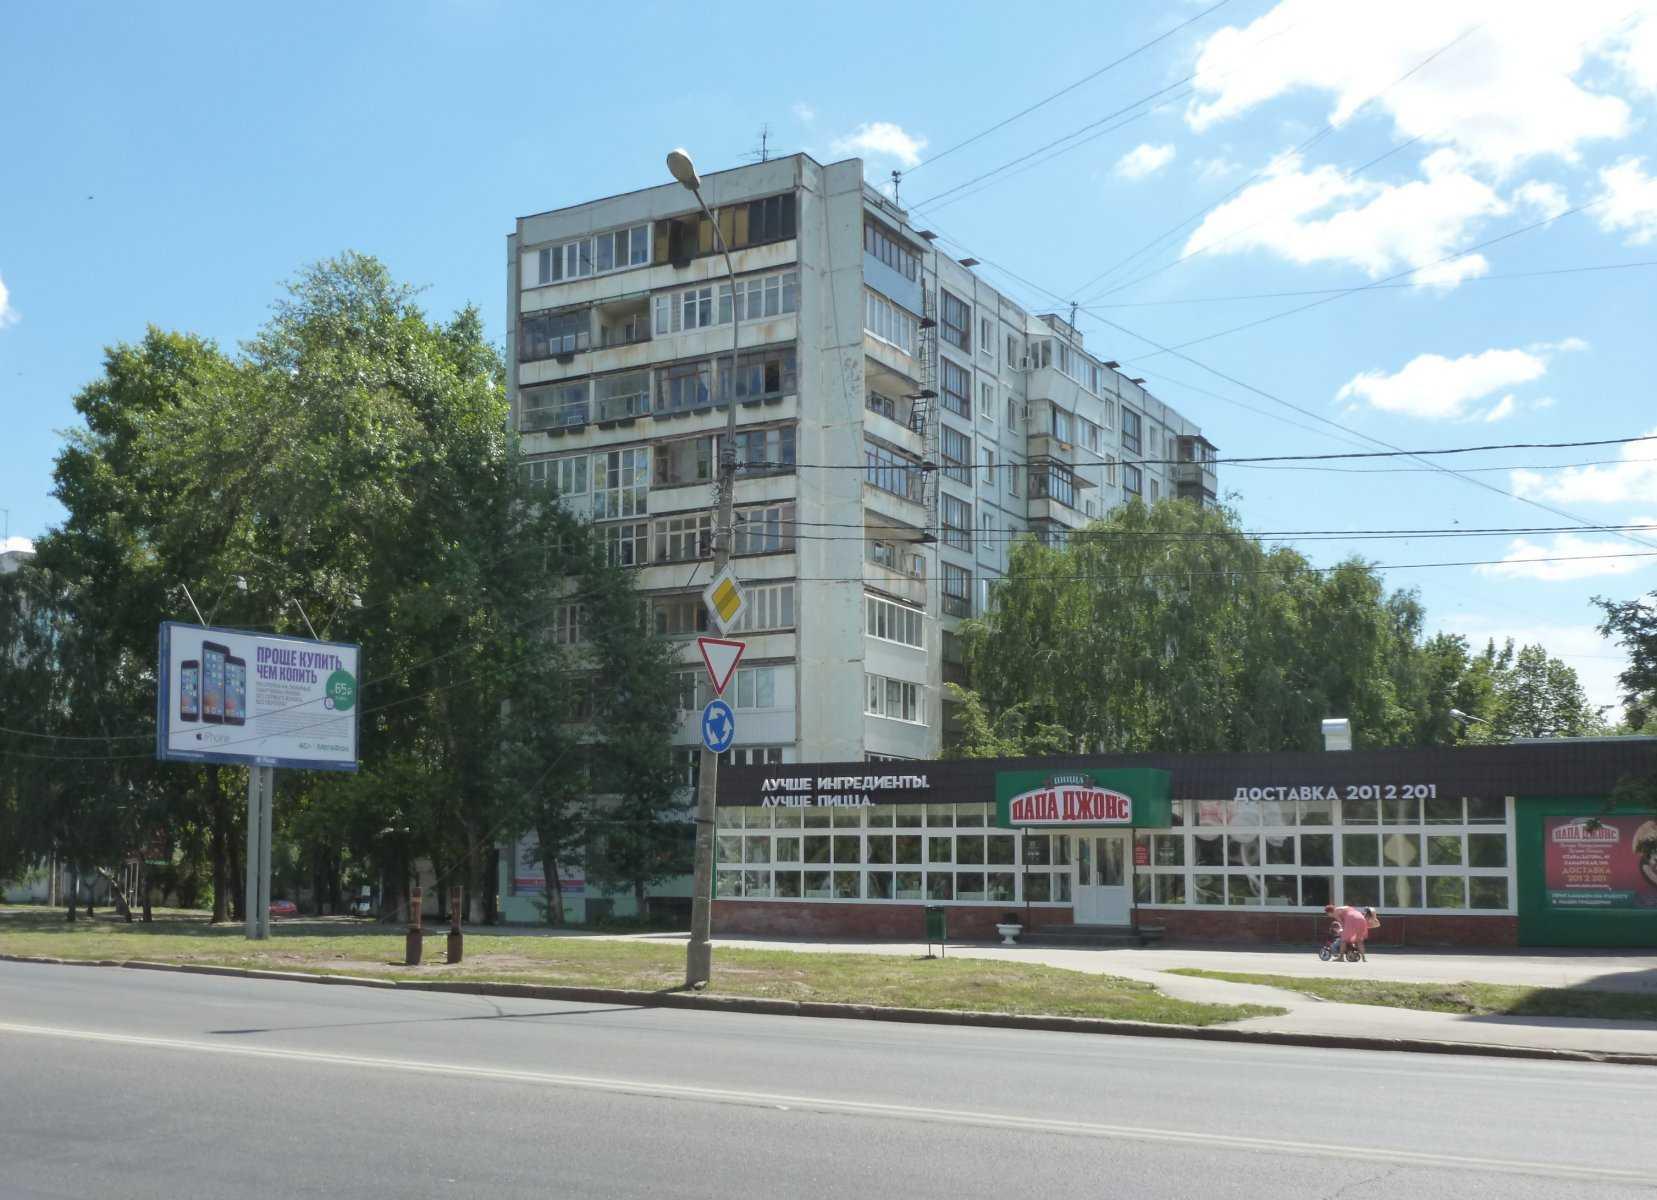 Советские панельные дома Самары напоминают болгарскую Стара Загору